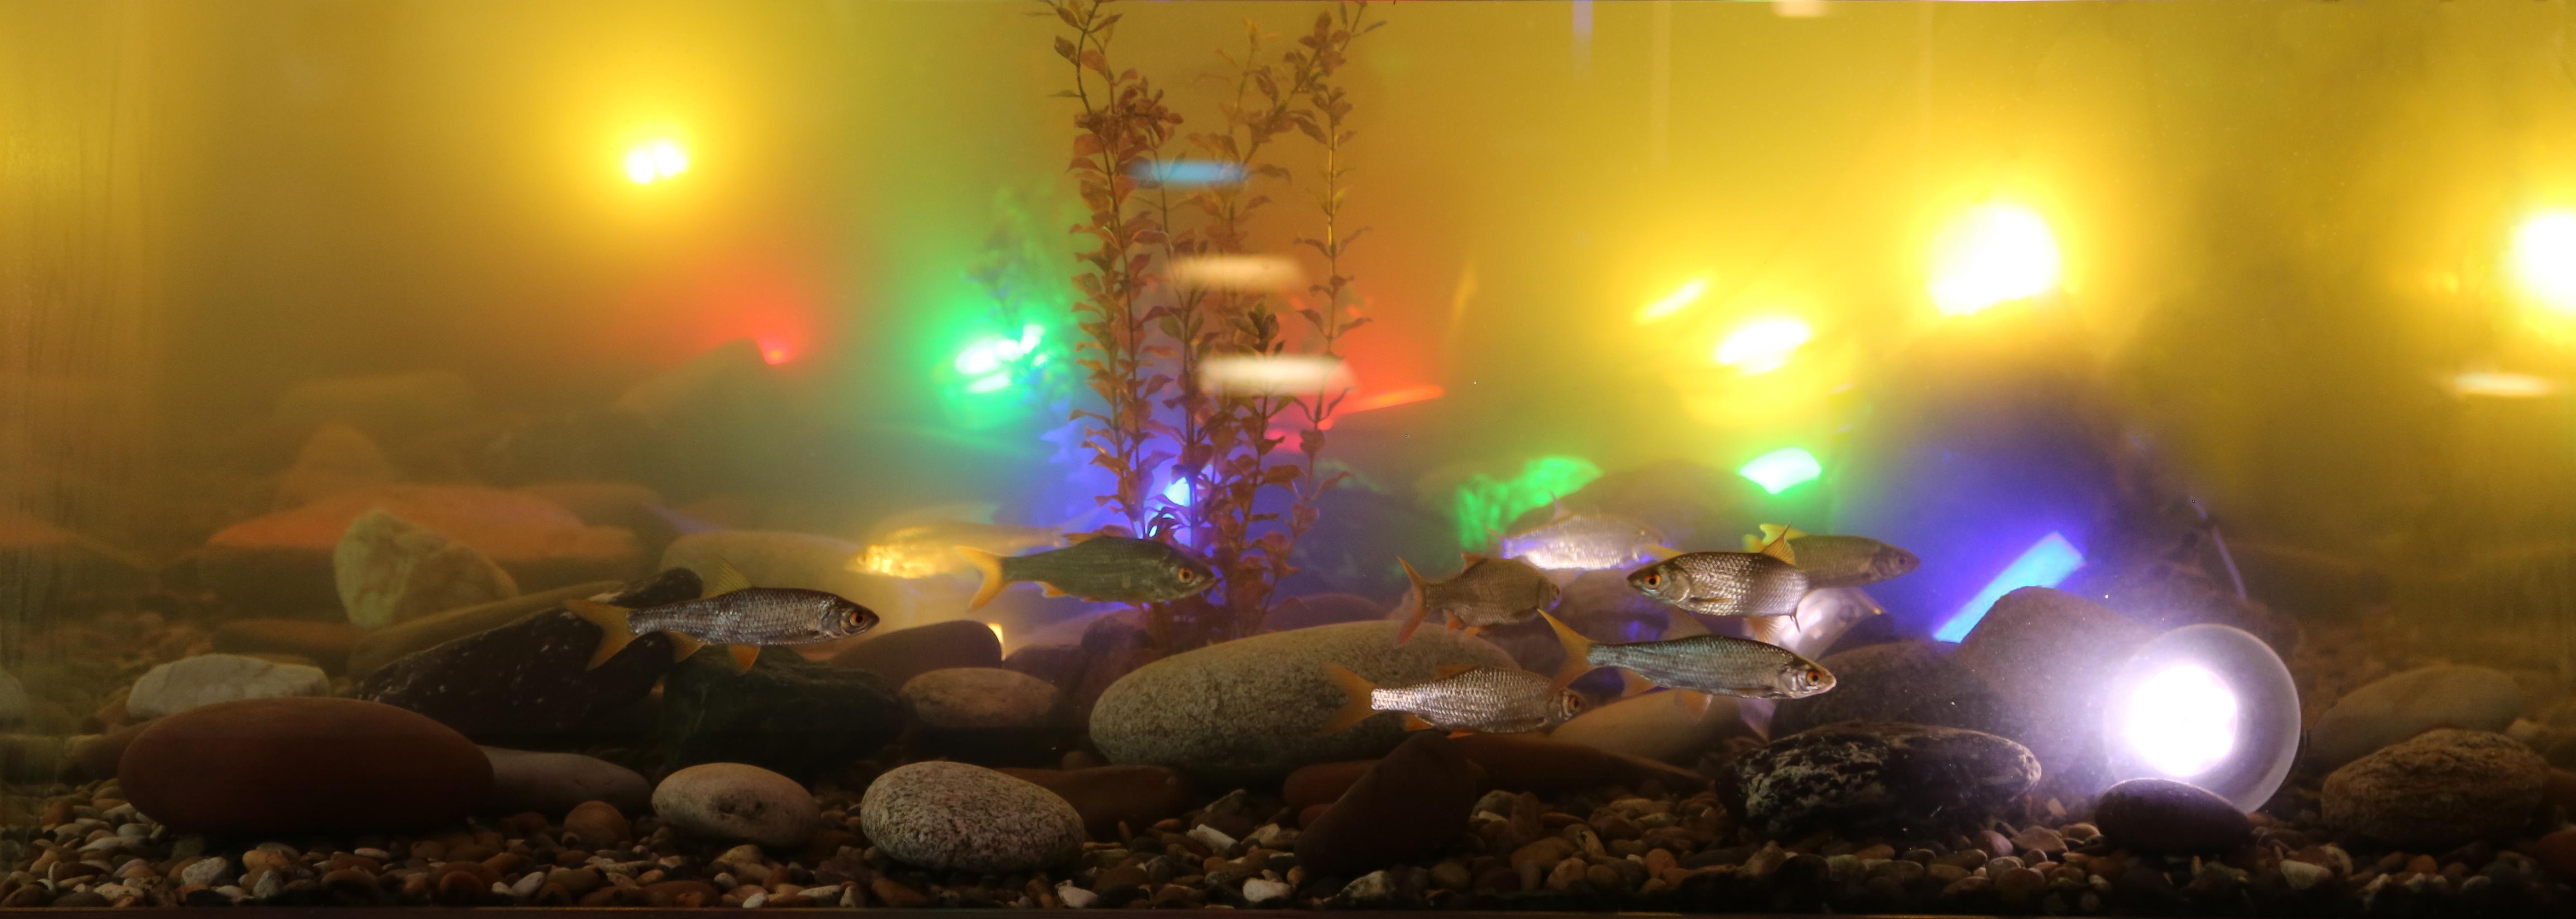 RGB освещение - новые возможности для дизайна, светильники TRIF